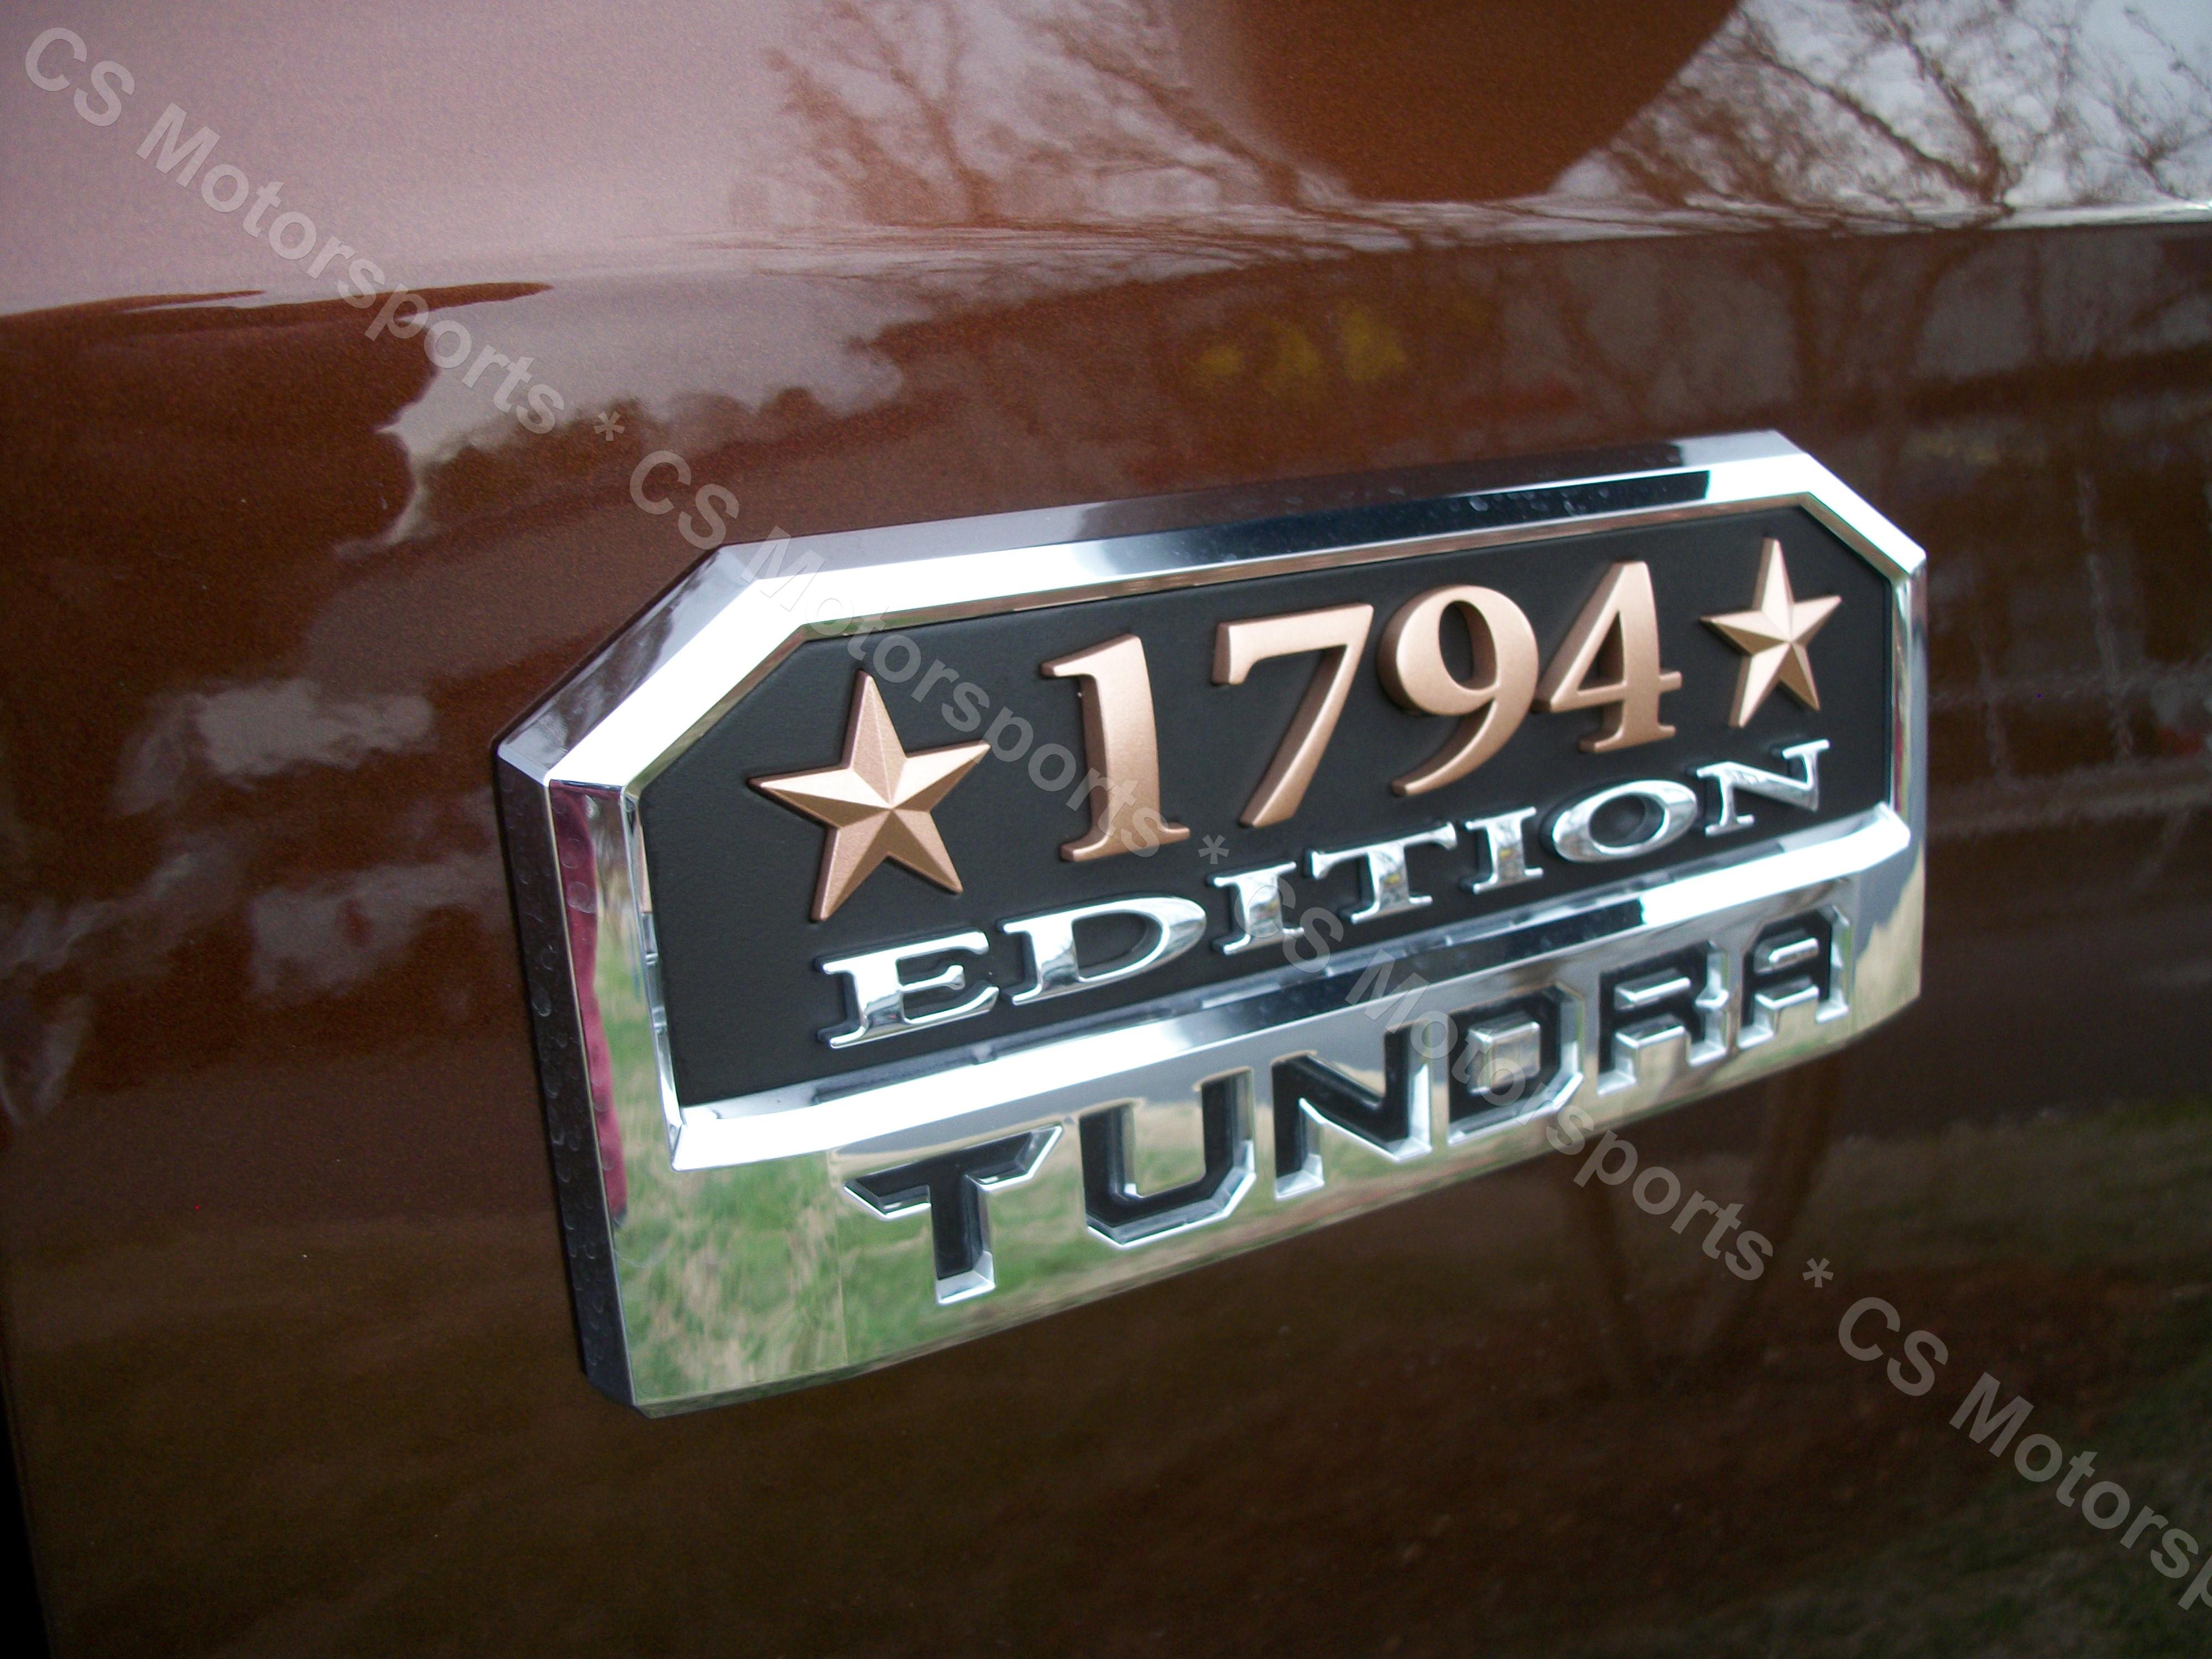 2014 Toyota Tundra 1794 Ed. (890)